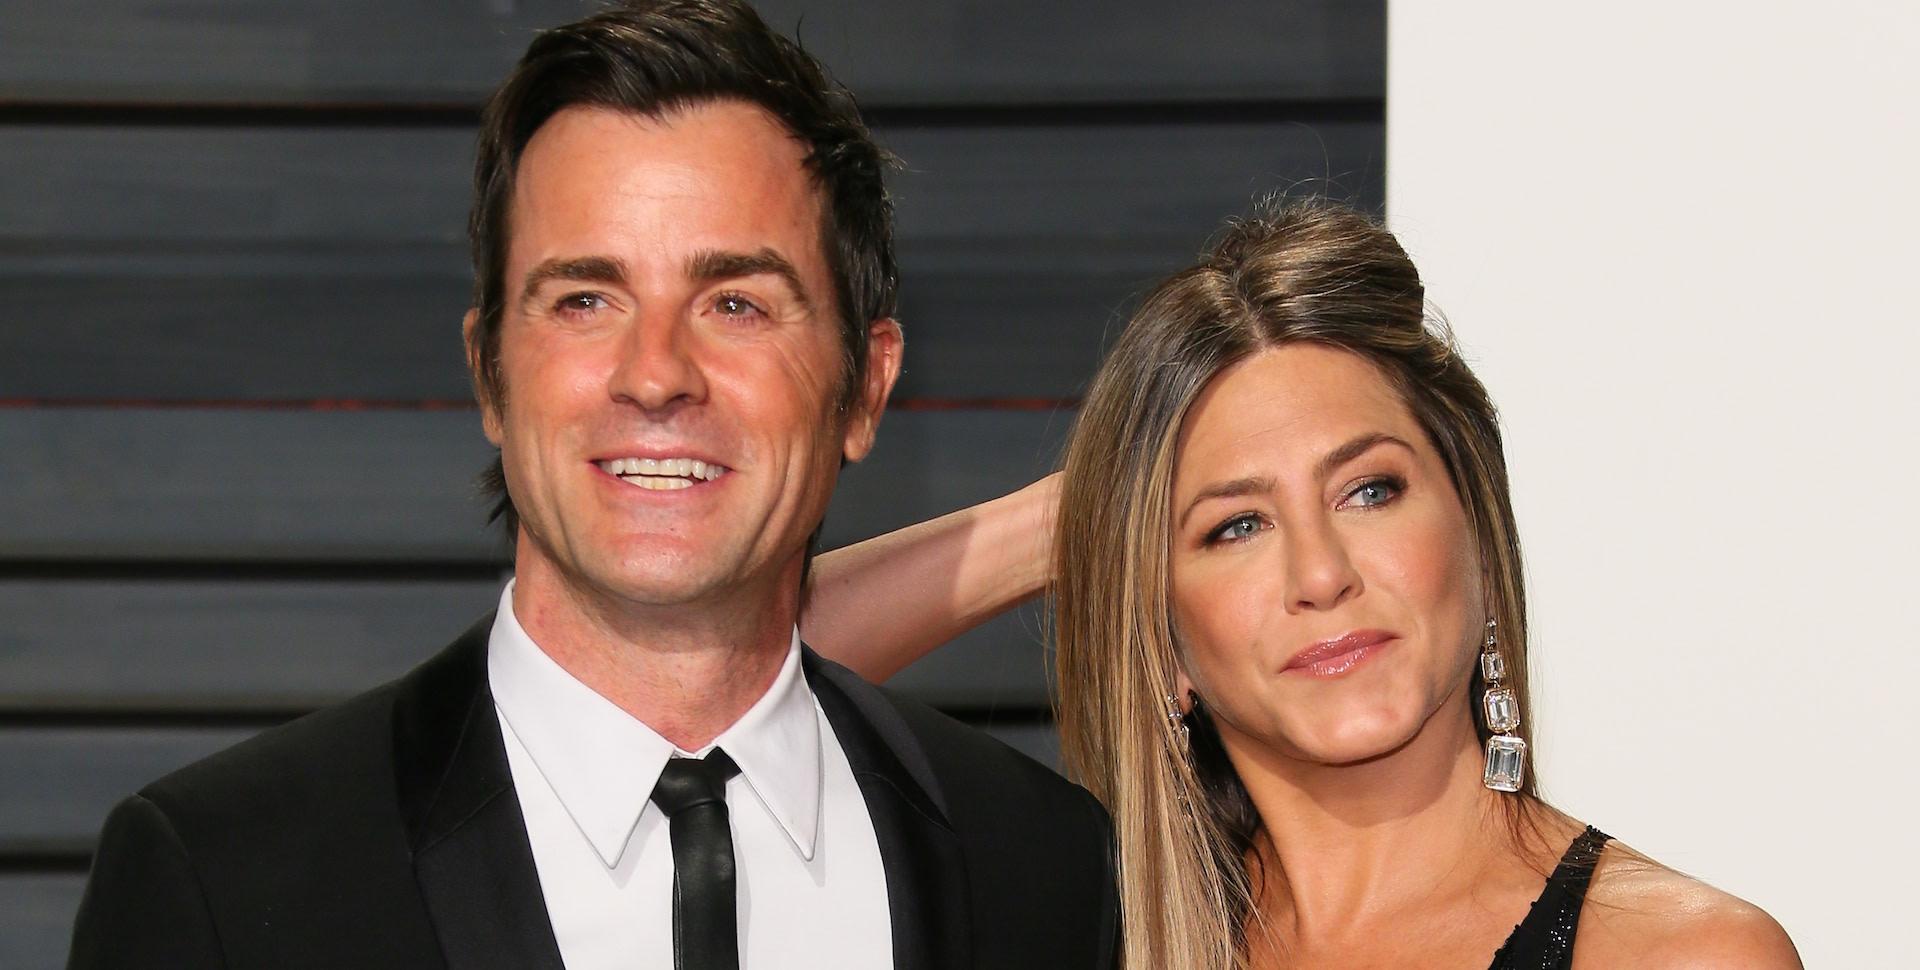 Jennifer Aniston e Justin Theroux fotografati in primo piano. La coppia sta divorziando.